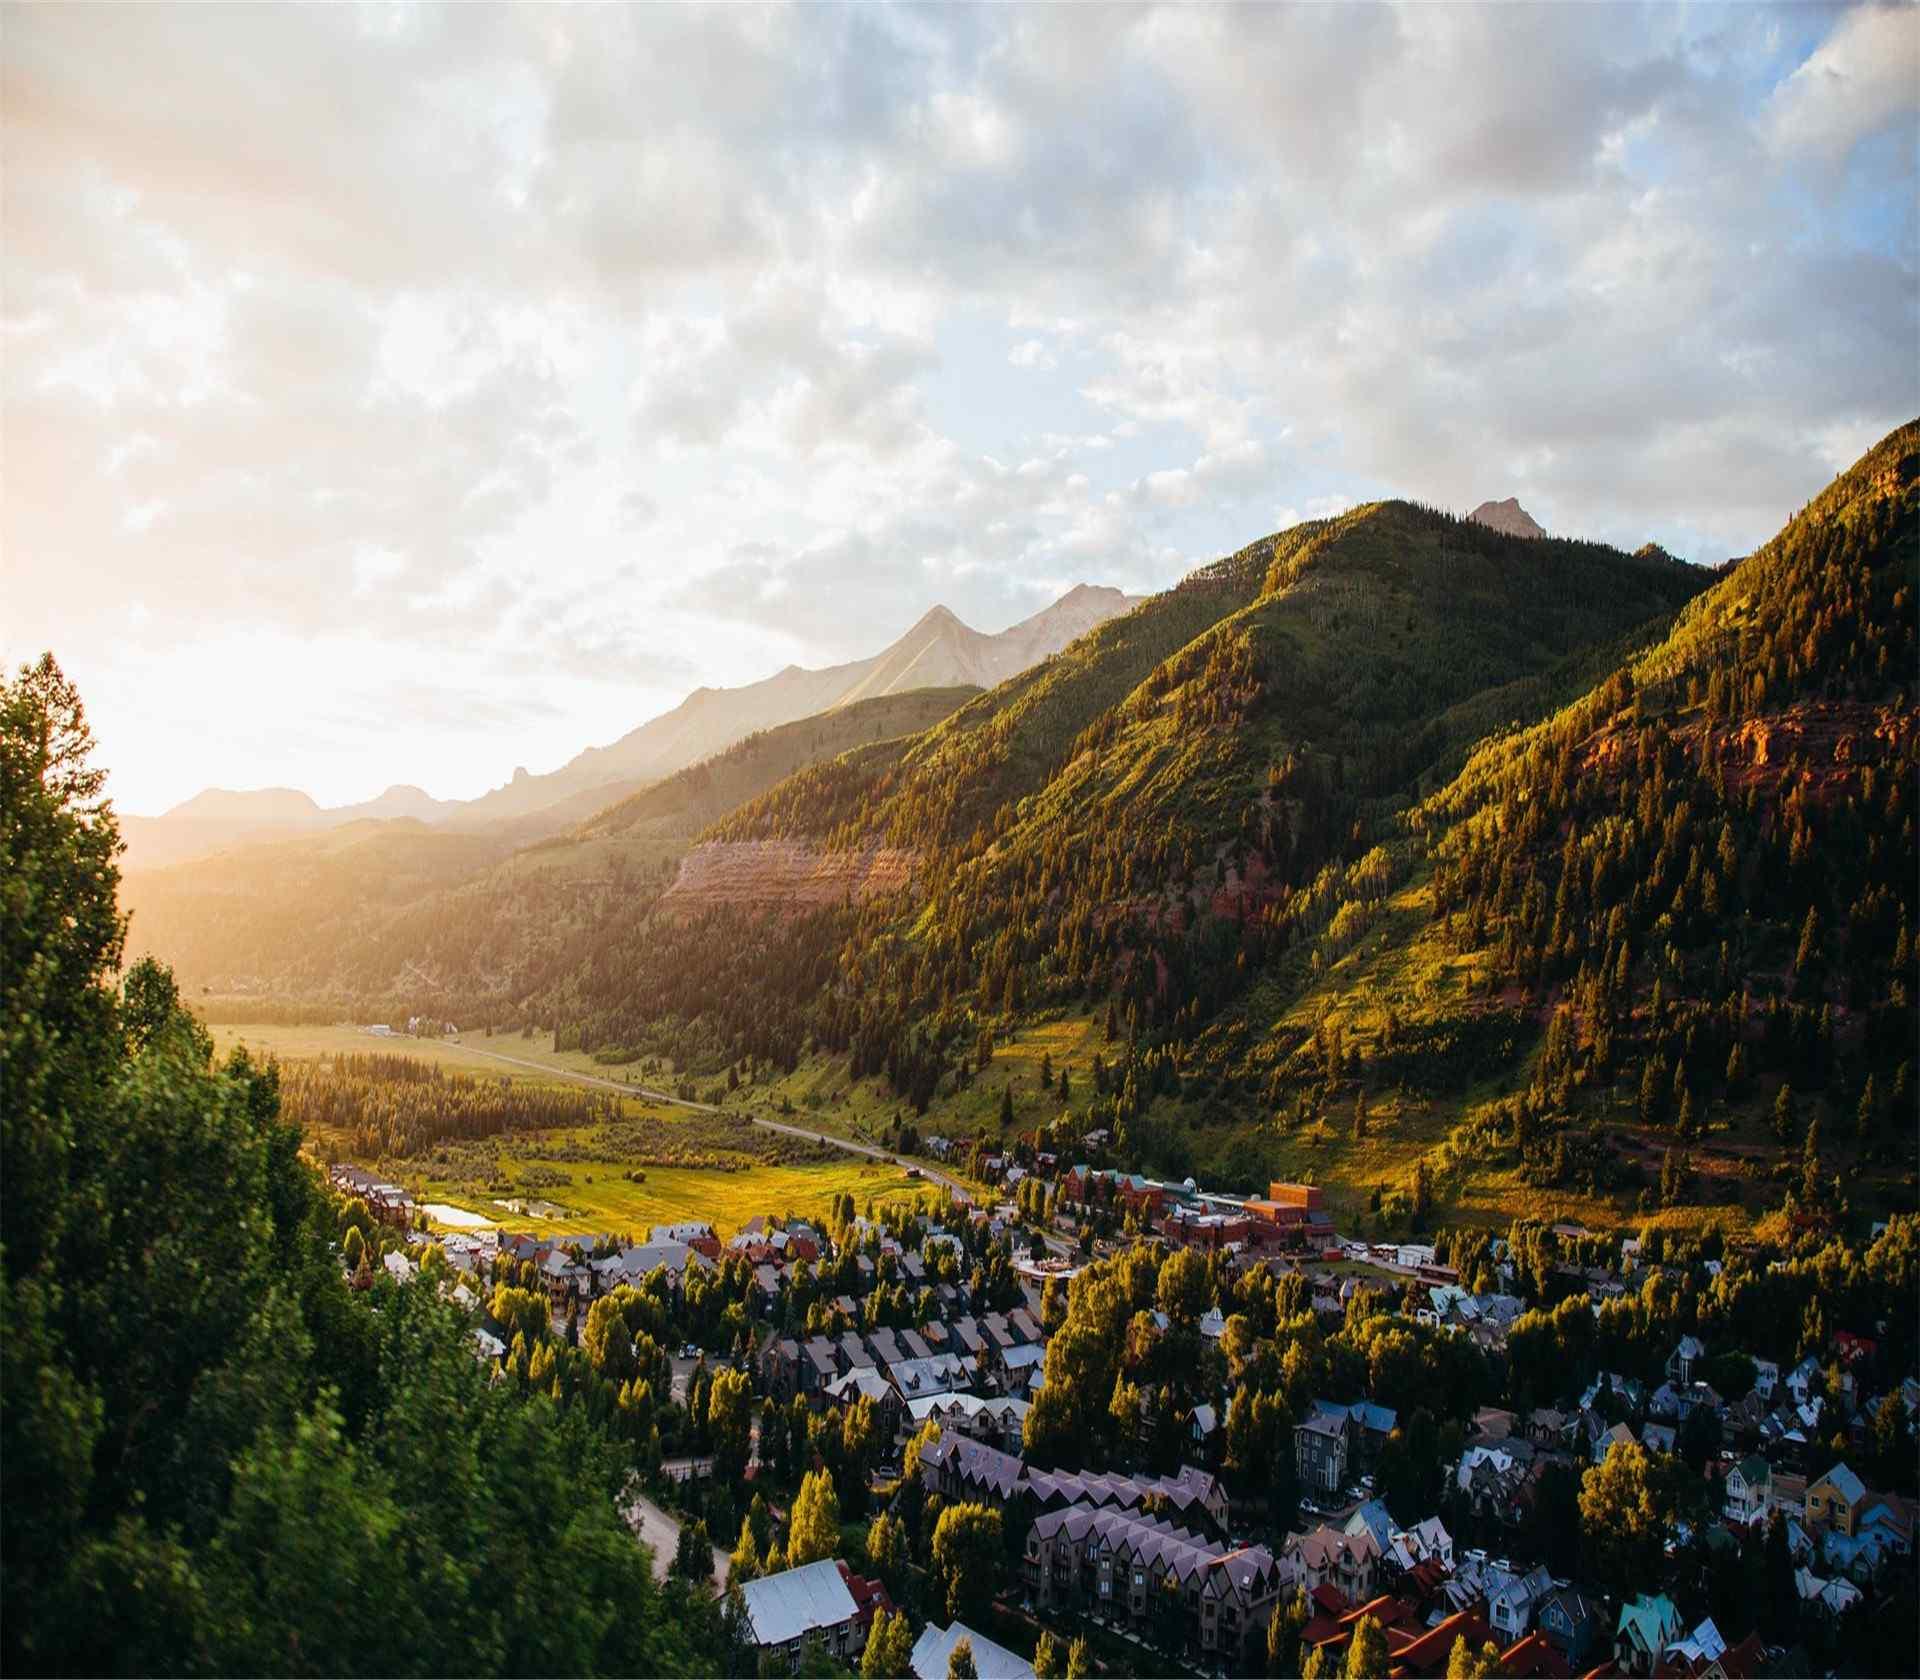 俯瞰阳光下的山谷城镇高清桌面壁纸